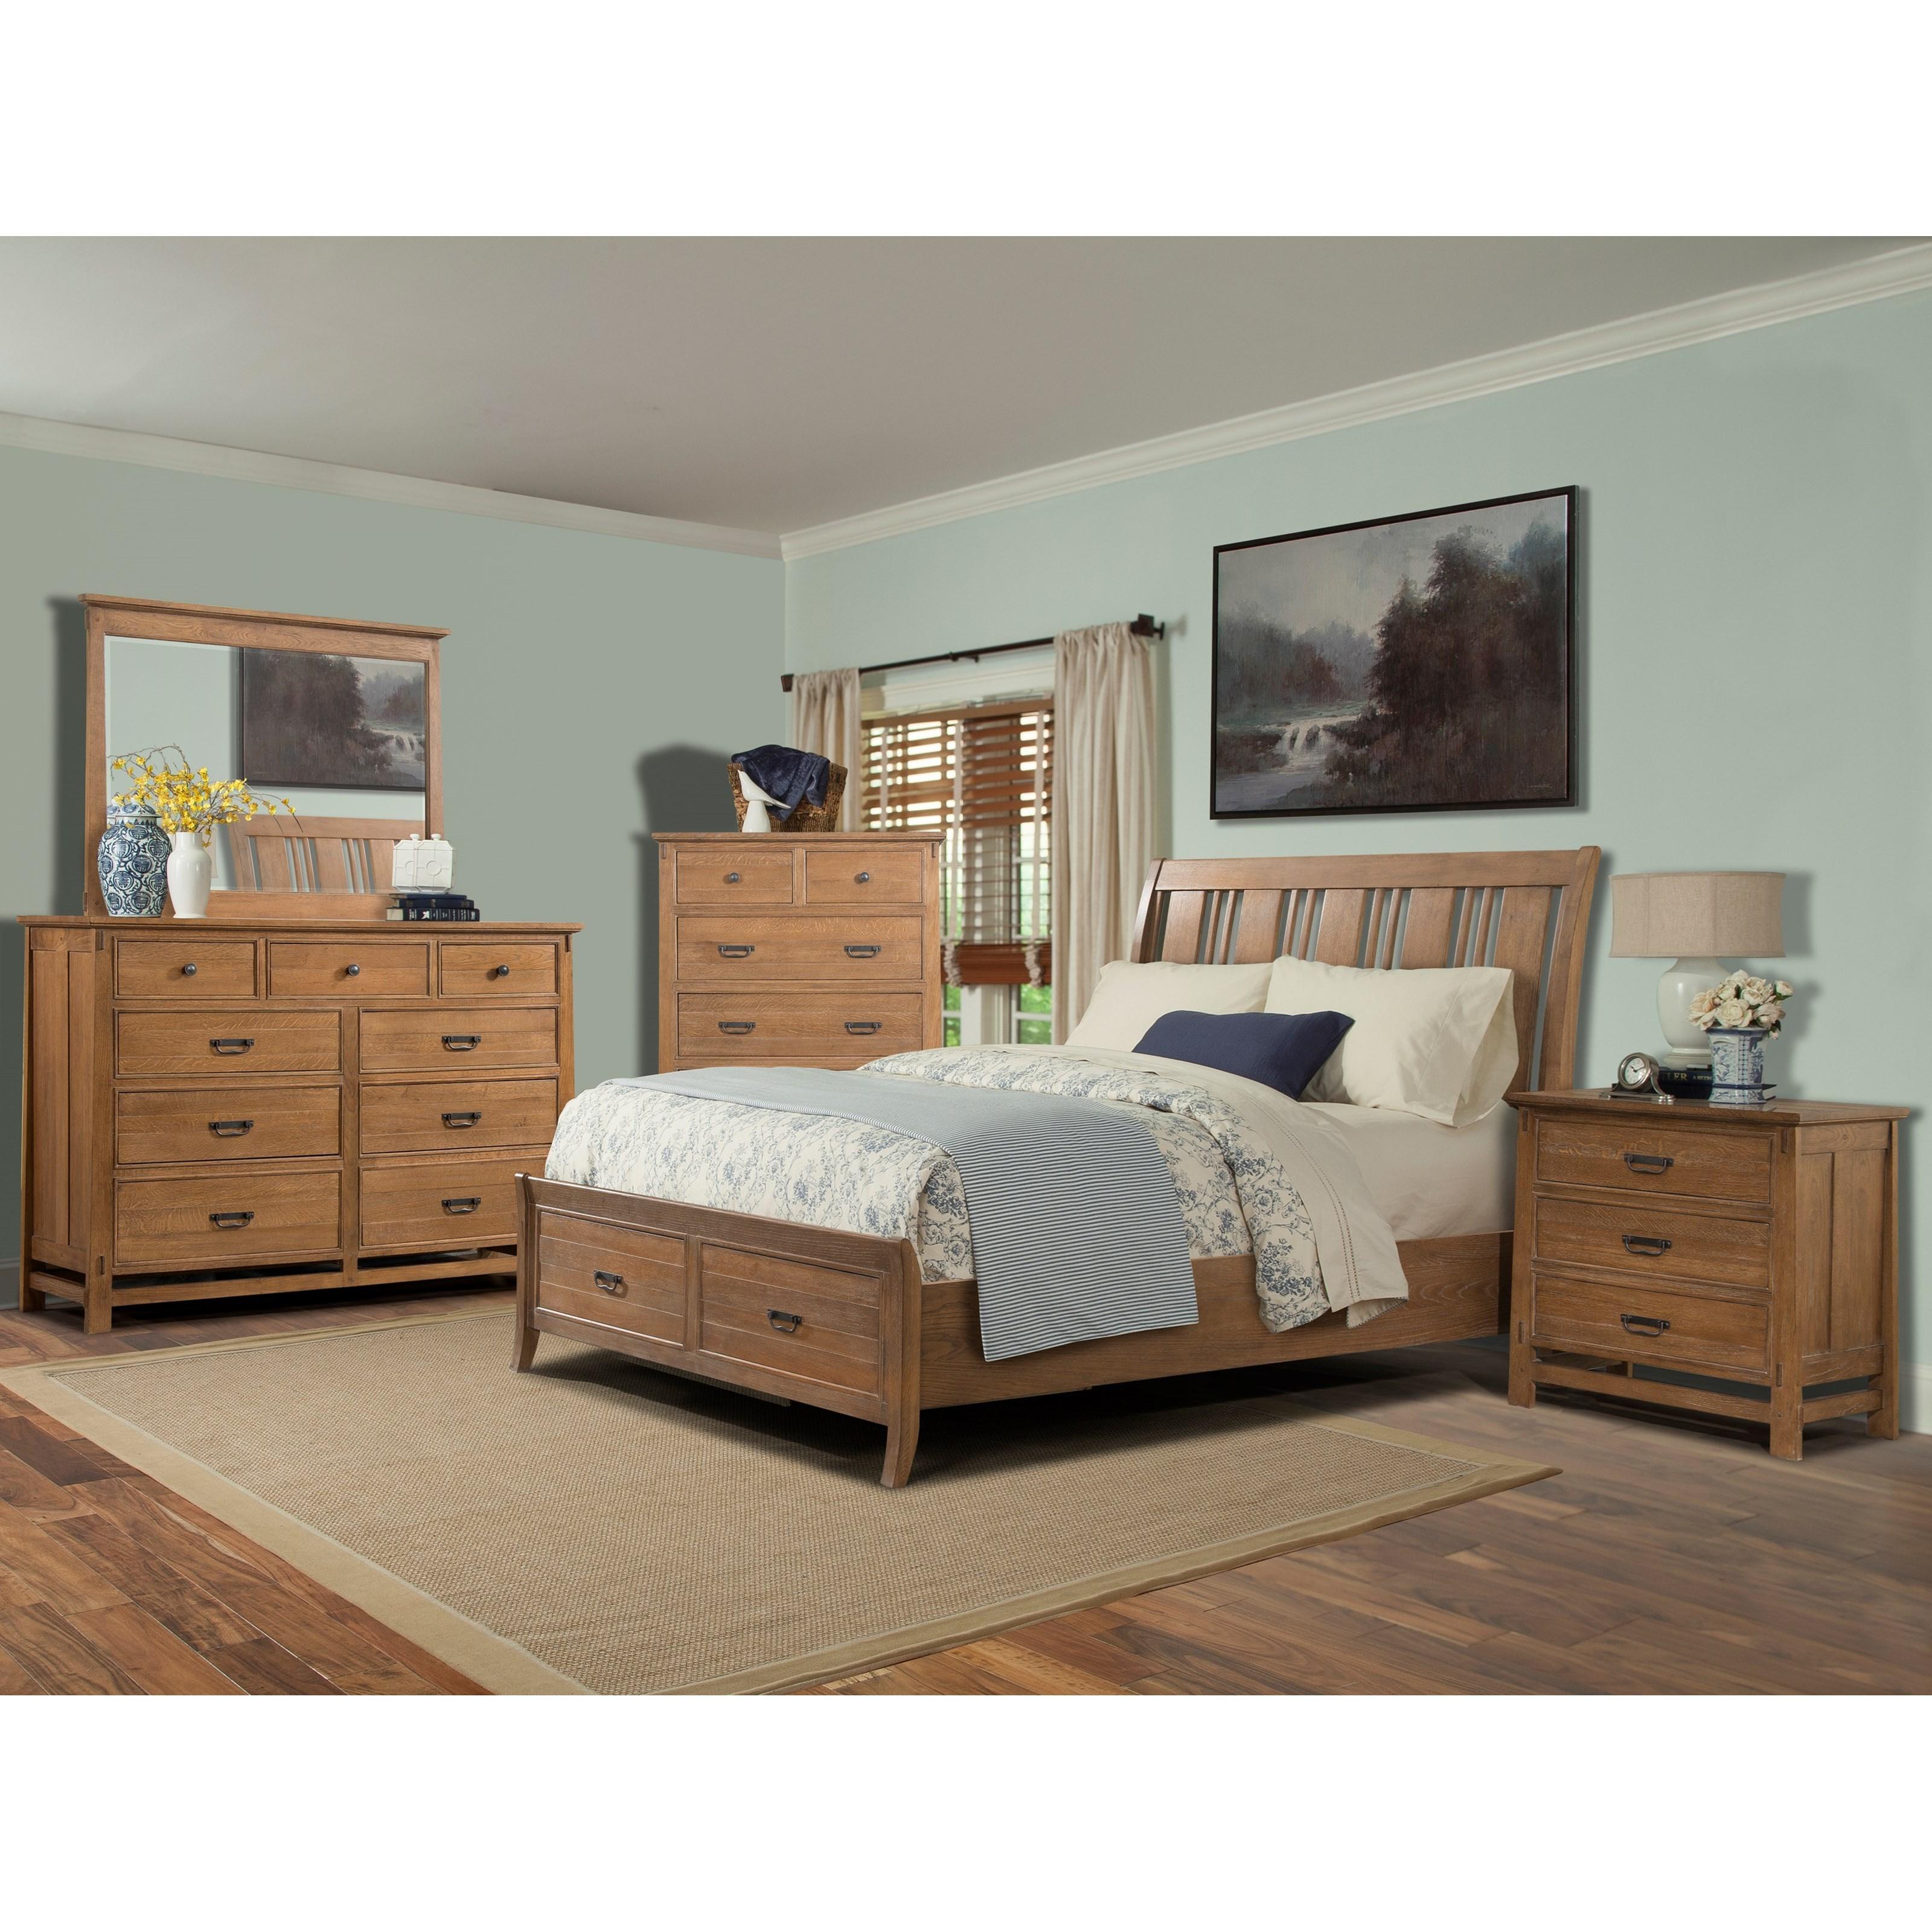 Cresent Fine Furniture Camden Queen Bedroom Group 5 - Item Number: 202 Q Bedroom Group 5